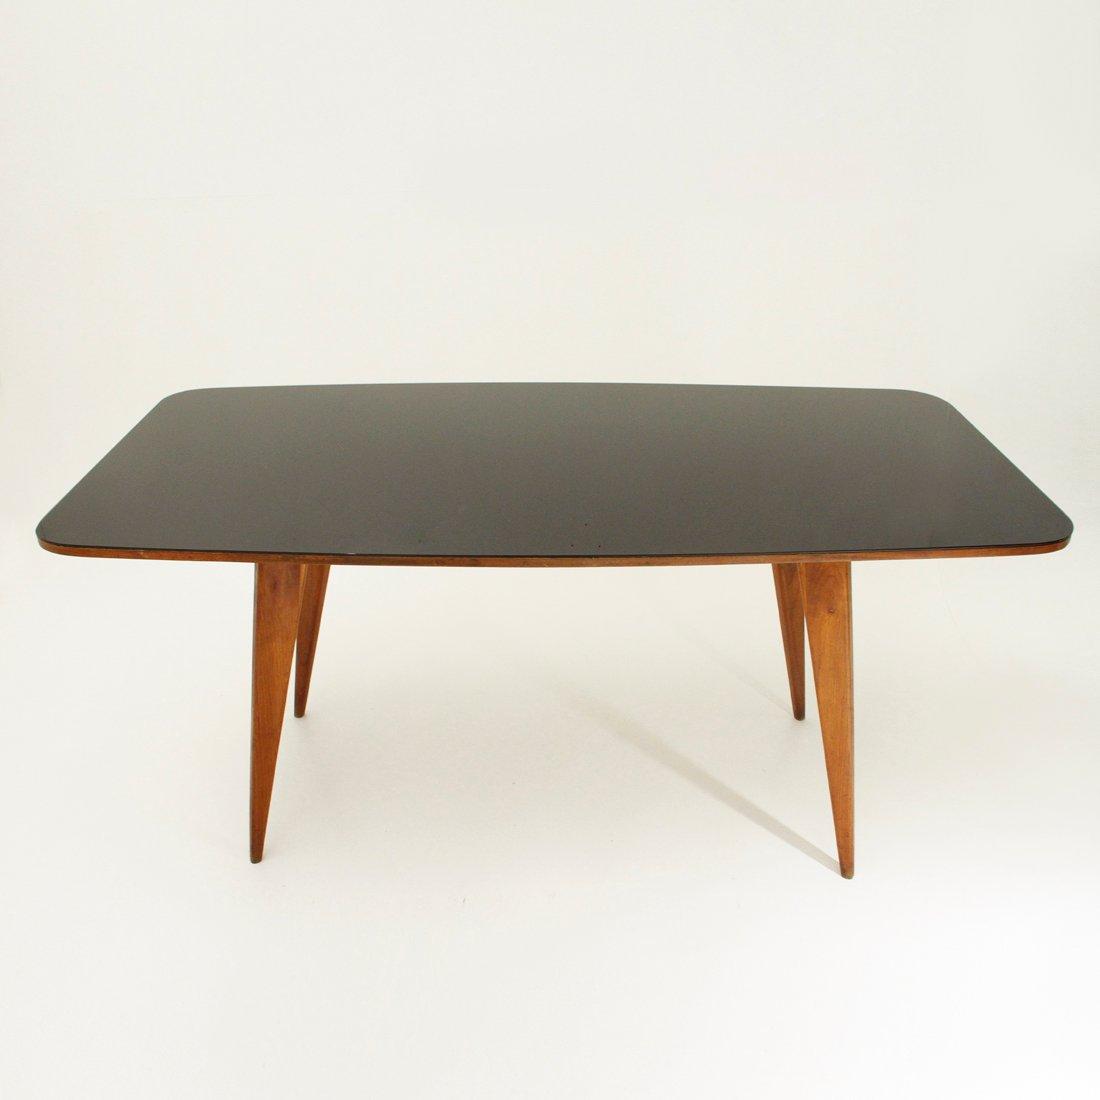 italienischer esstisch aus holz mit schwarzer glasplatte 1950er bei pamono kaufen. Black Bedroom Furniture Sets. Home Design Ideas